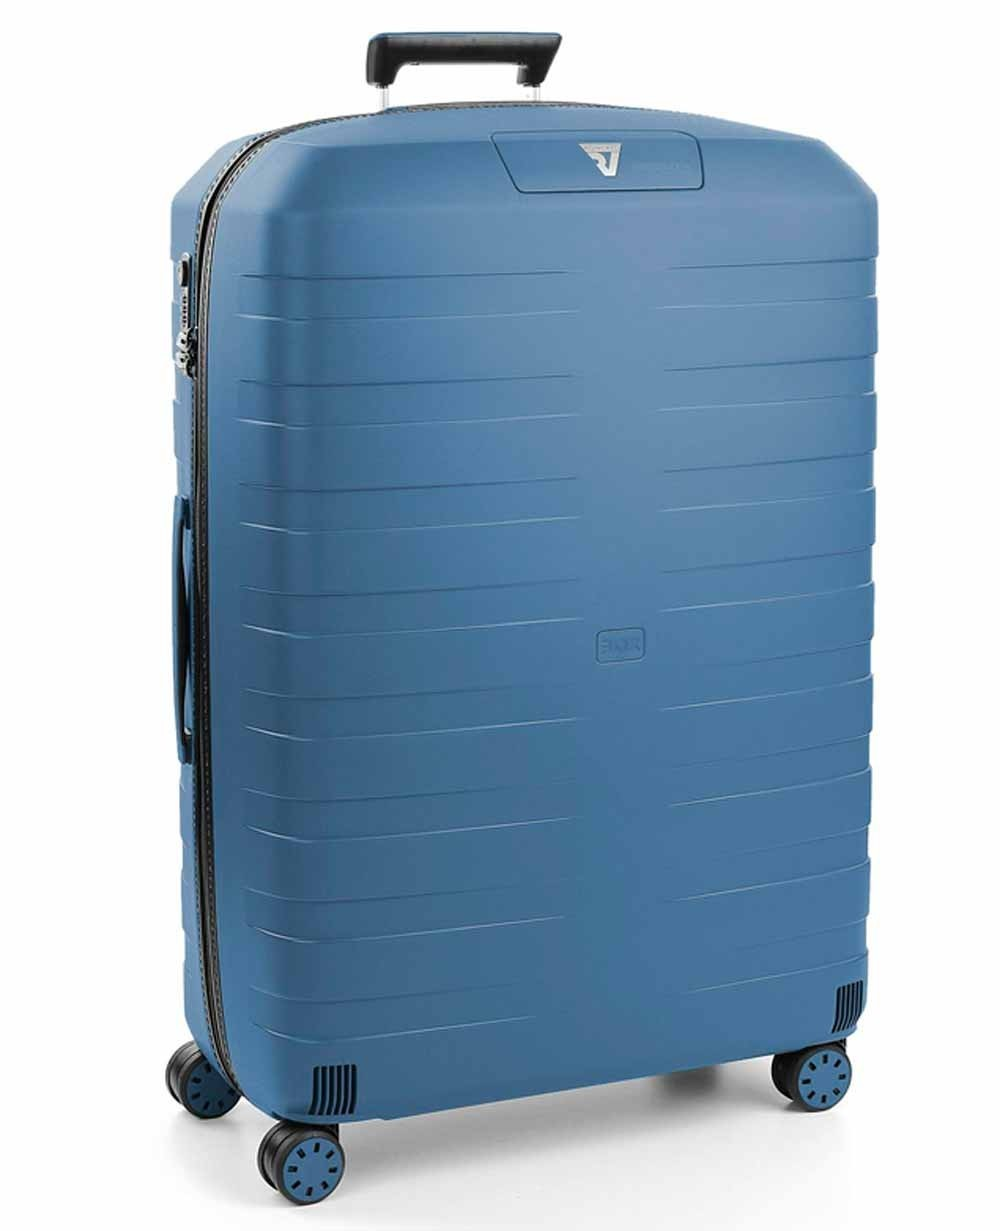 Roncato Box 2.0 Maleta grande Azul Marino (Foto )